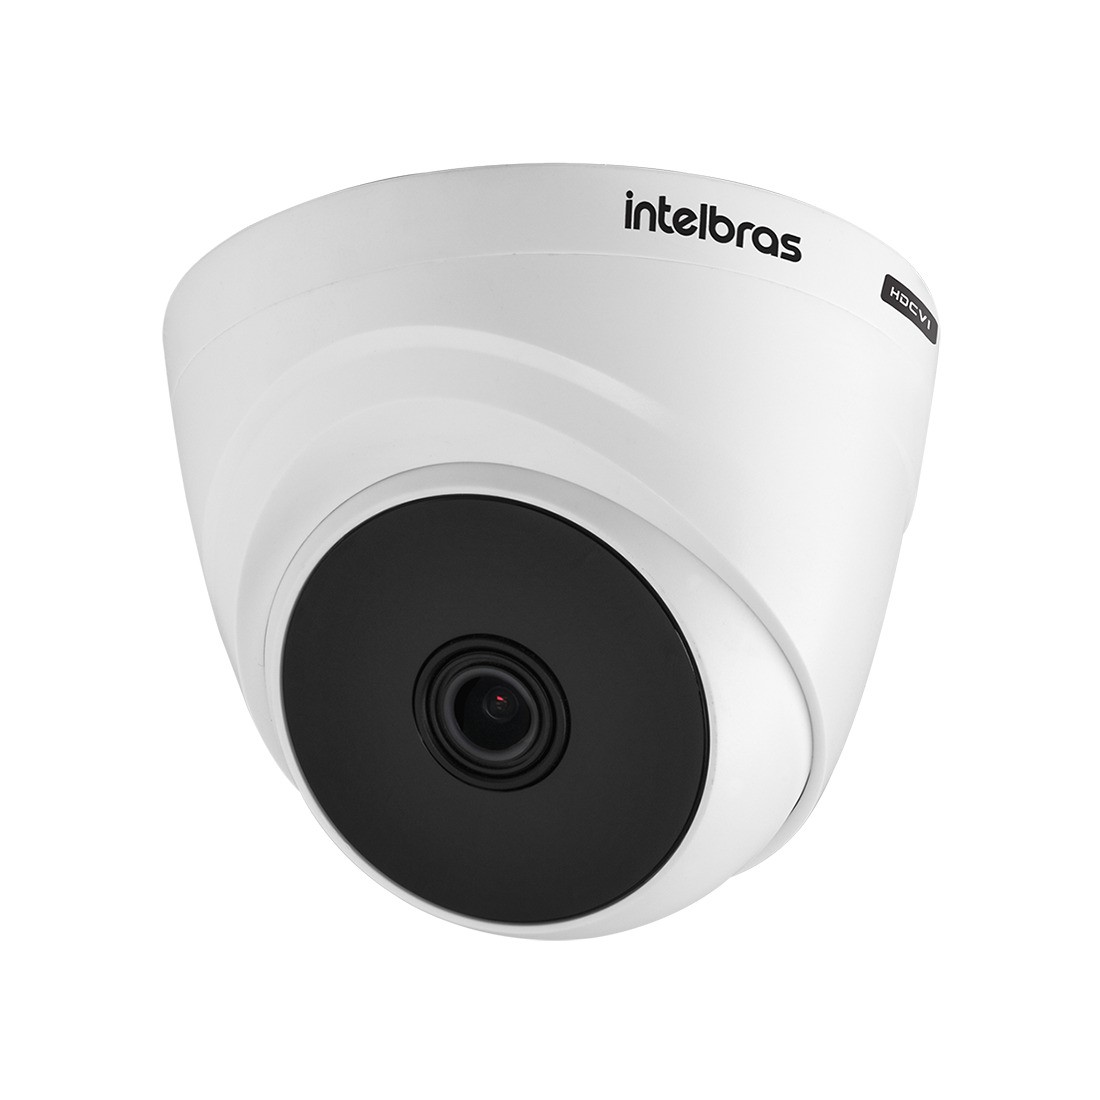 Kit 5 Câmeras de Segurança Dome Intelbras HD VHL 1120 D